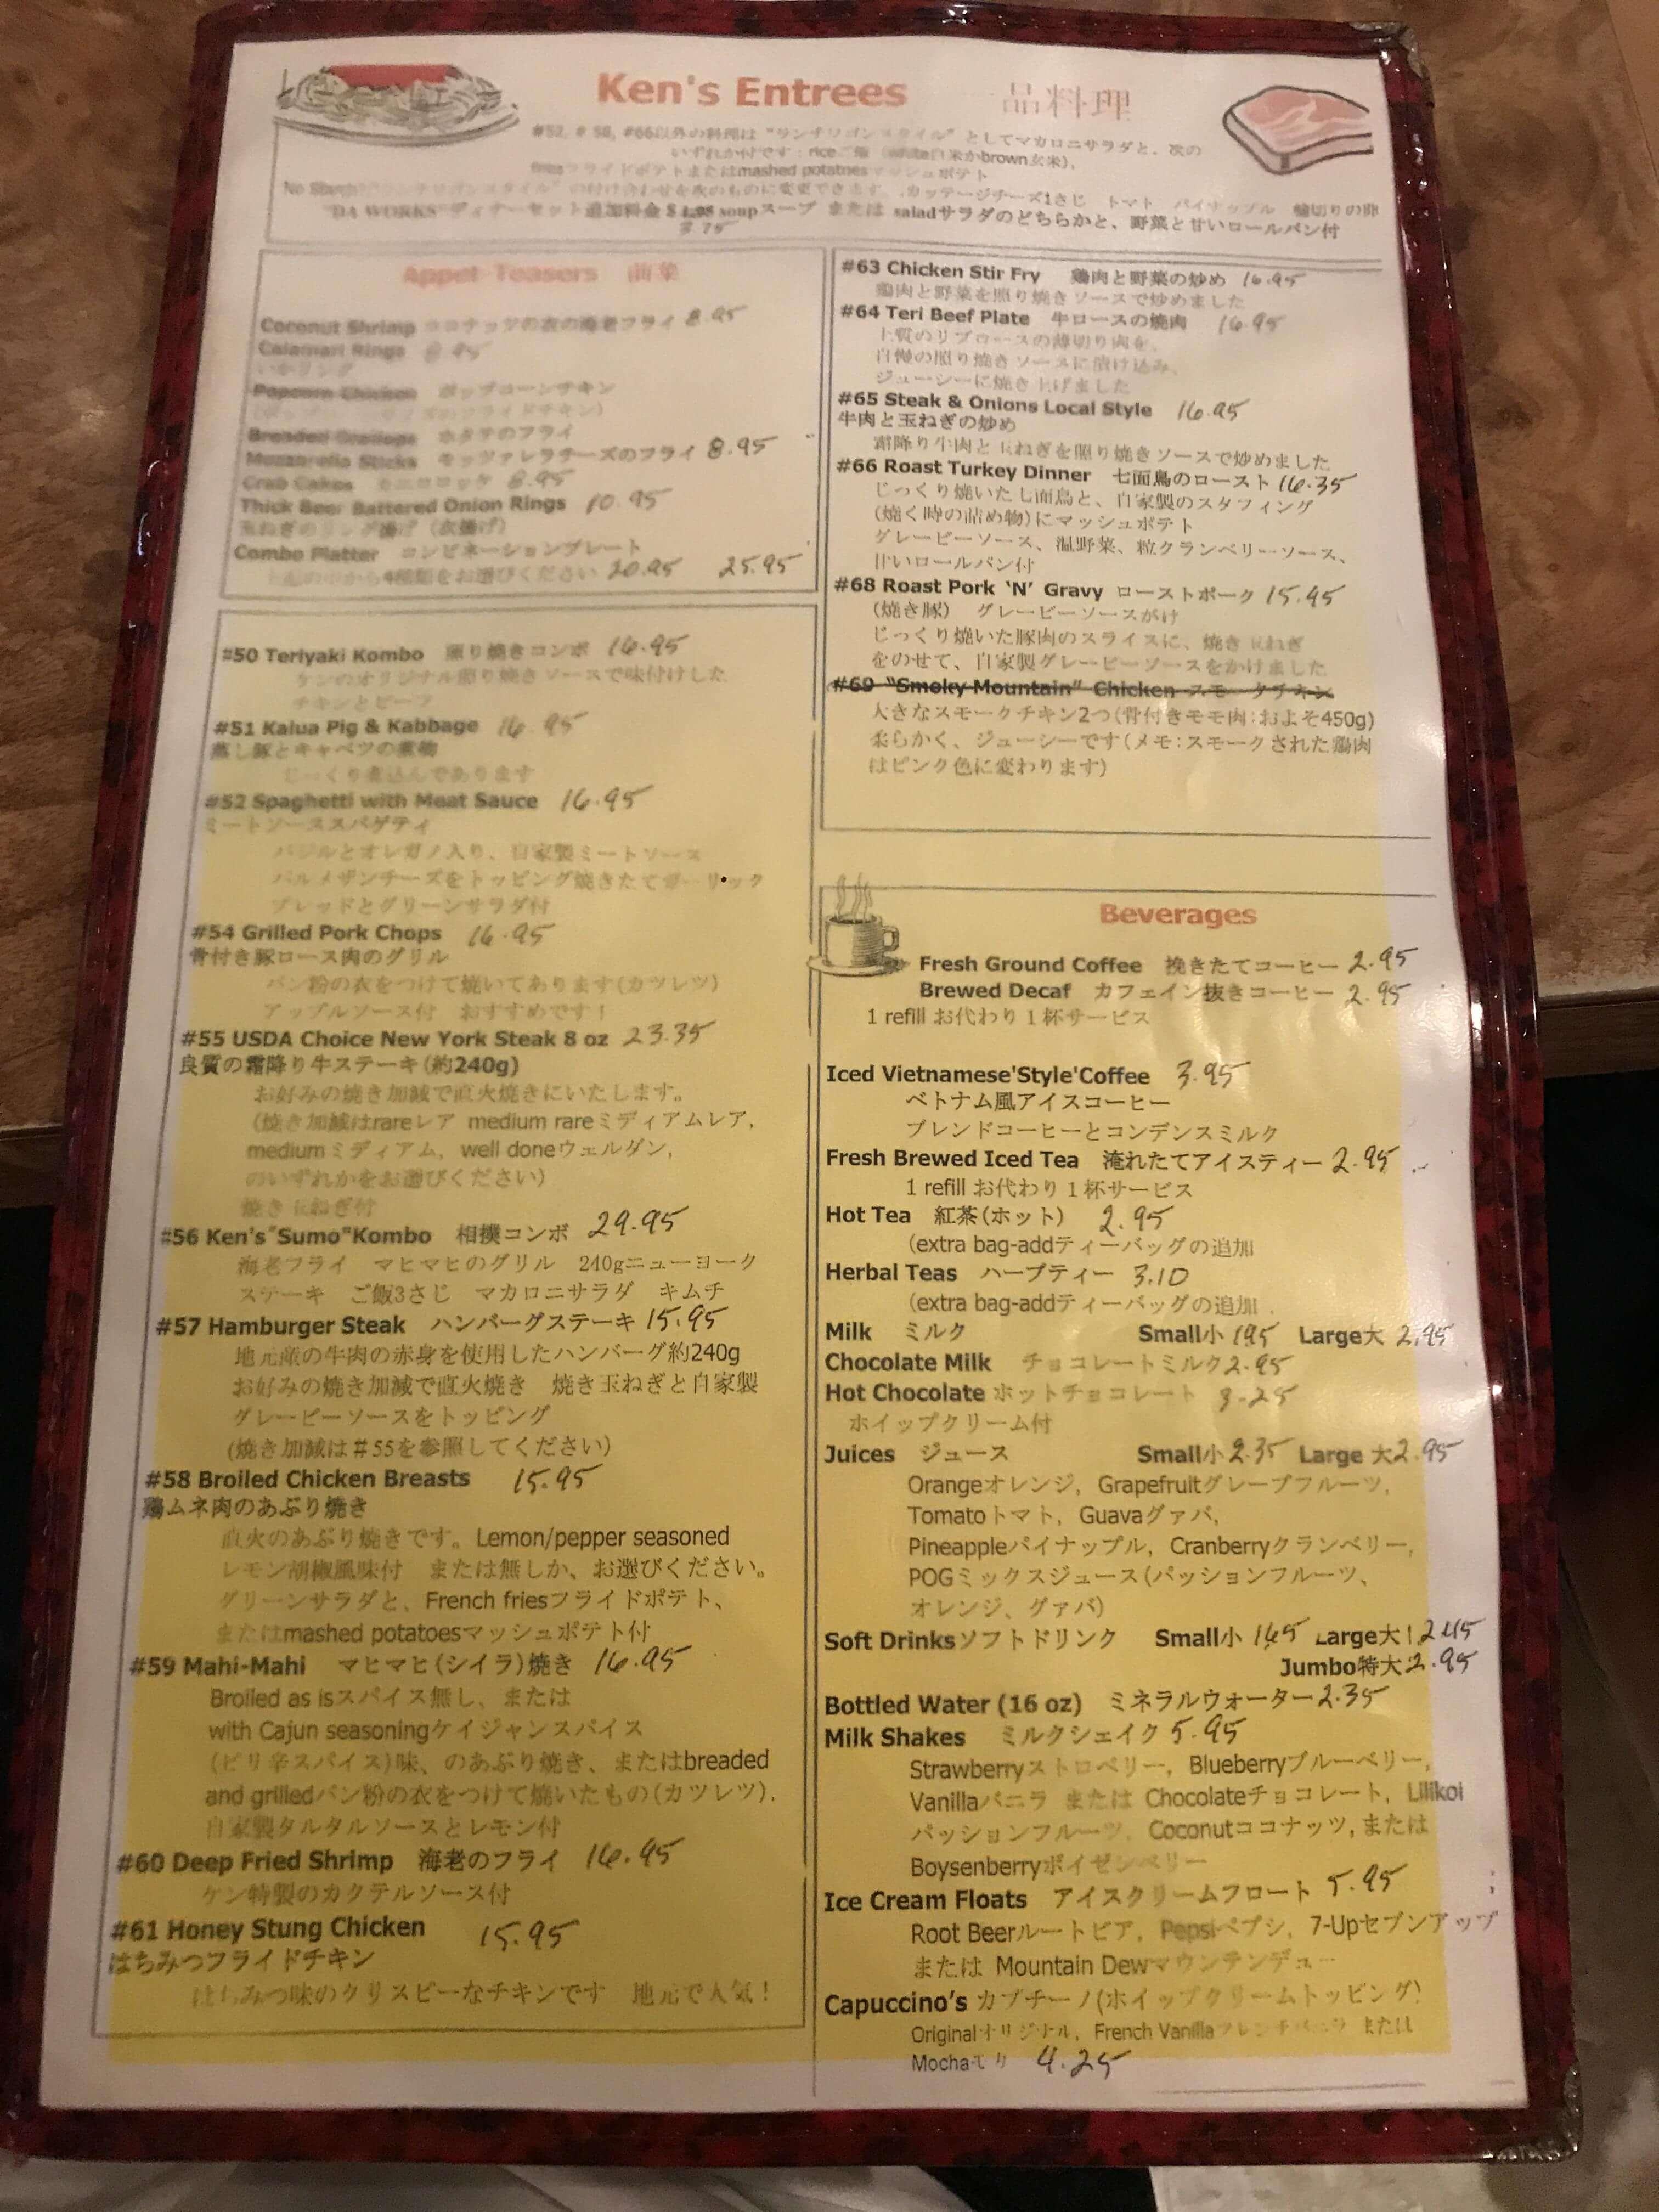 ハワイ-ケンズハウスオブパンケーキ-メニュー2